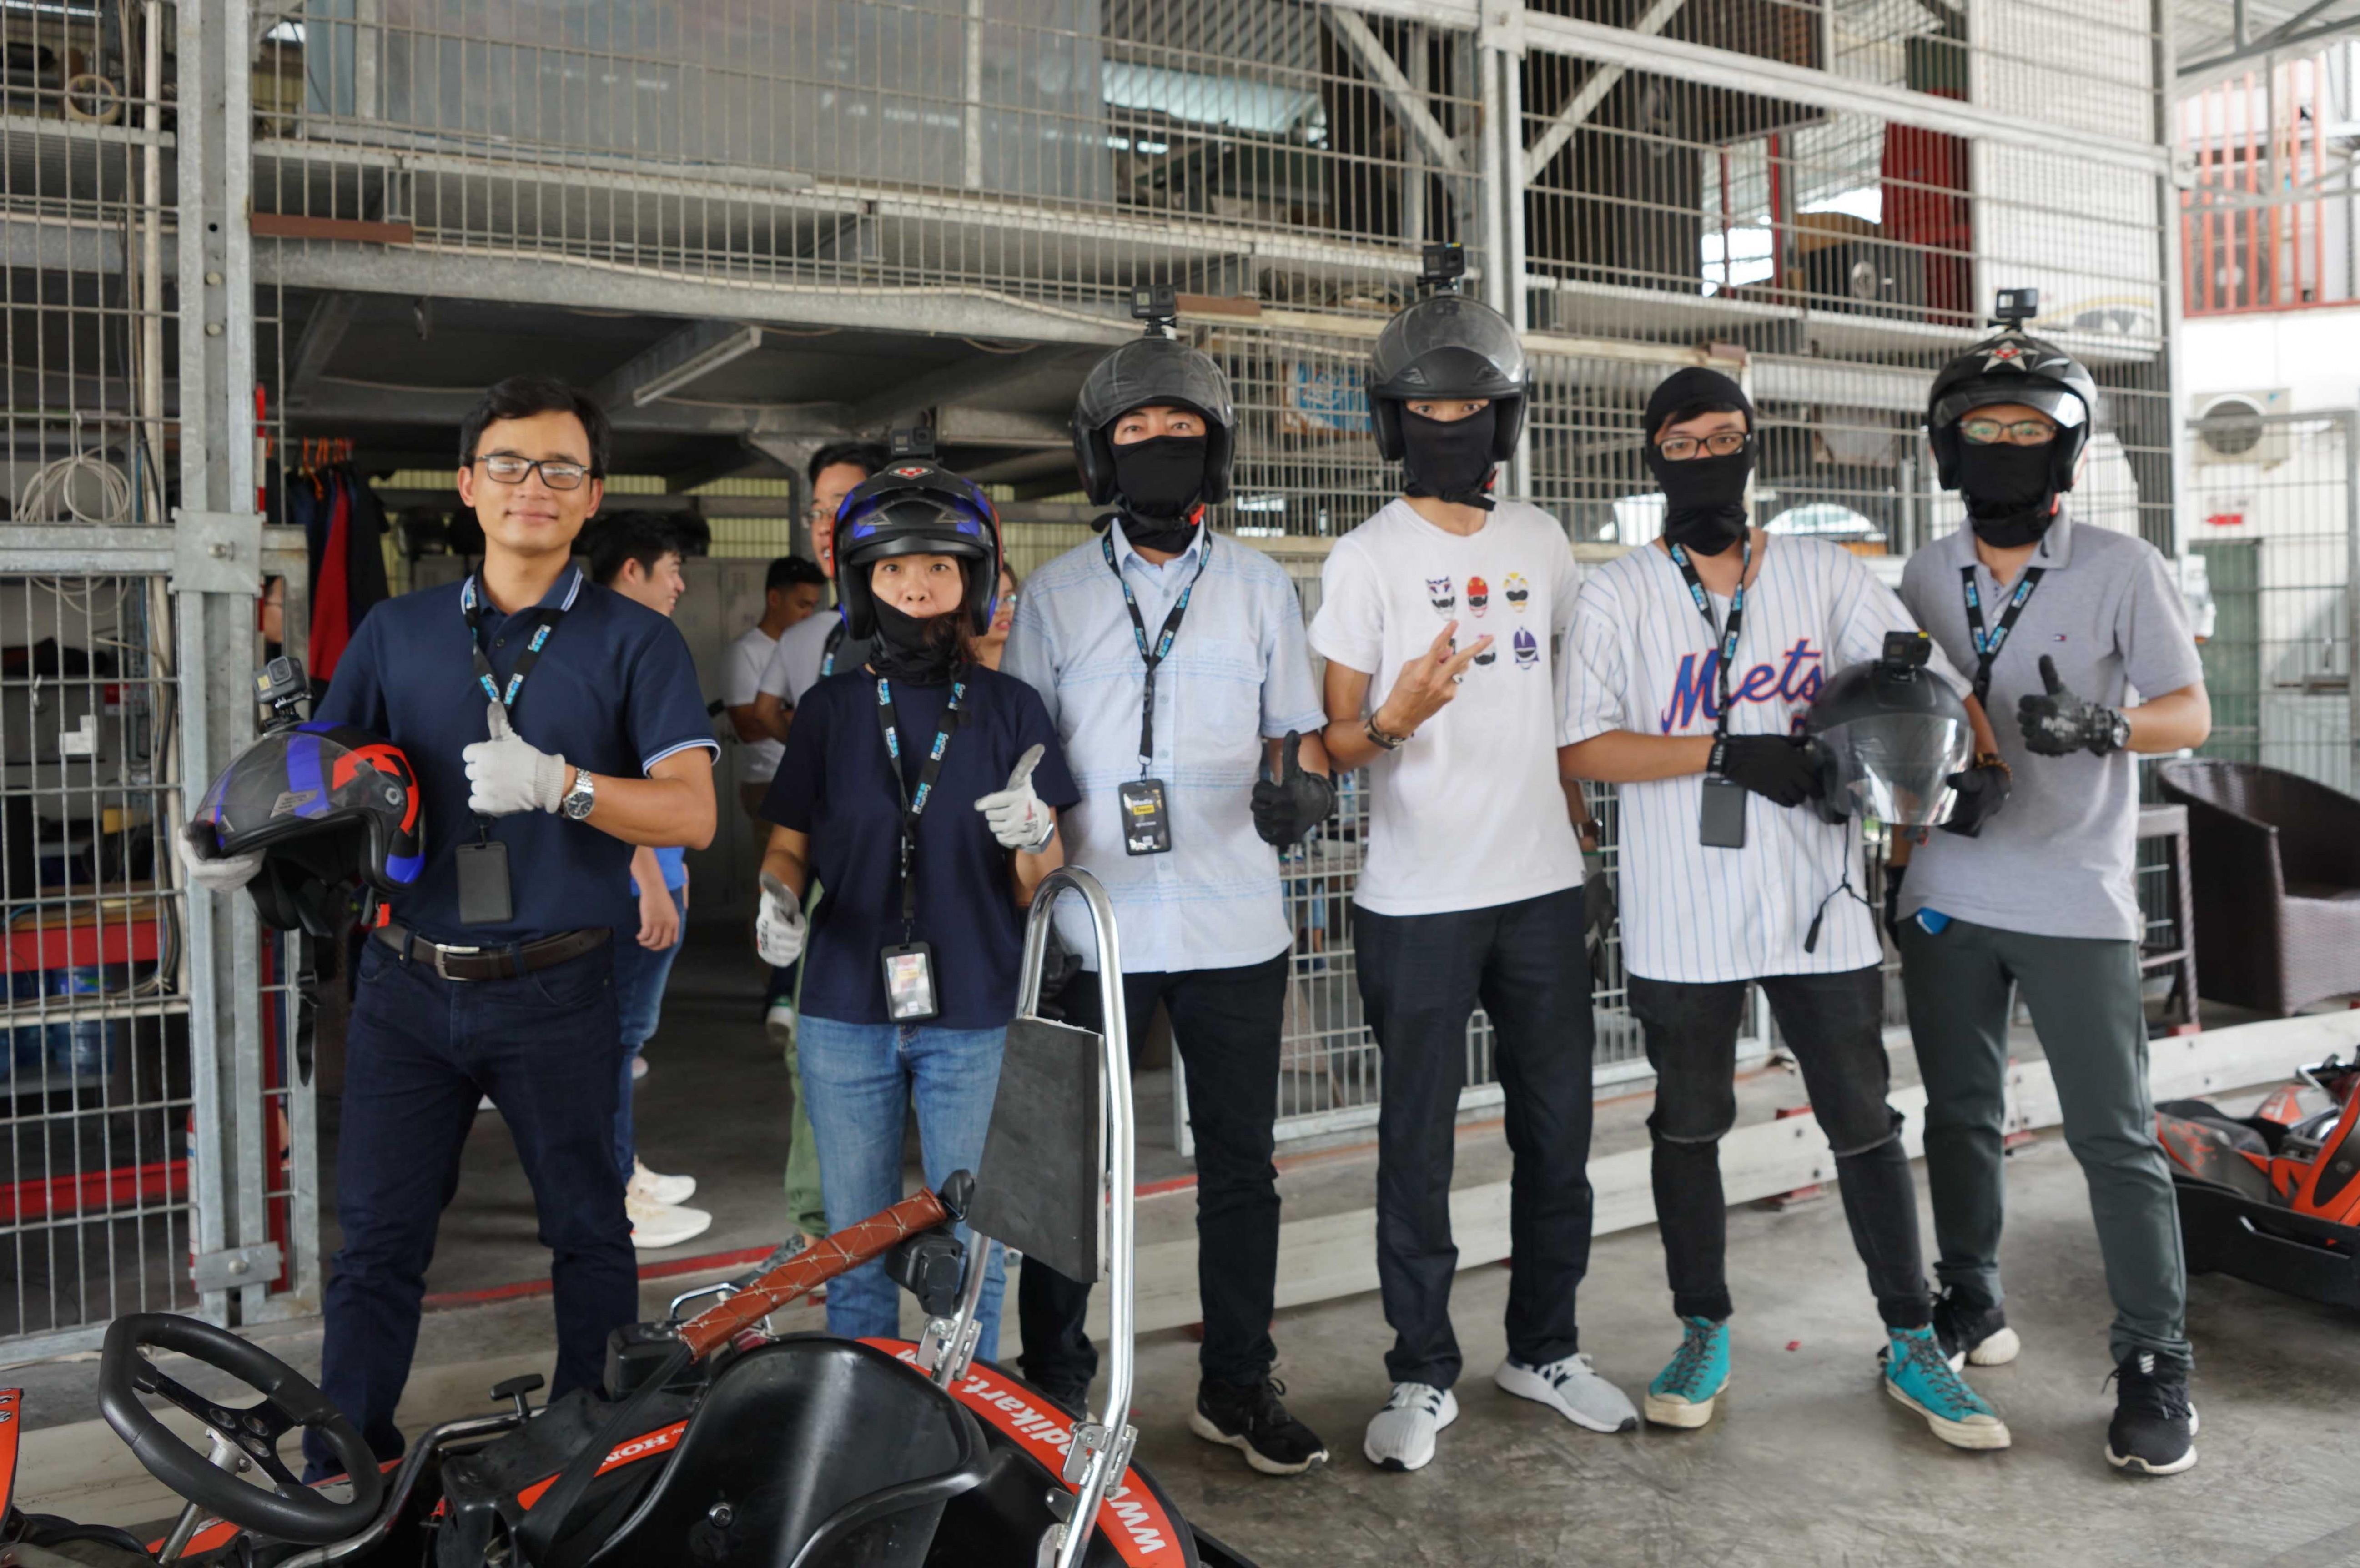 Cuối tuần, giới trẻ Sài Gòn rủ nhau đi đua xe Go-Kart Ảnh 7